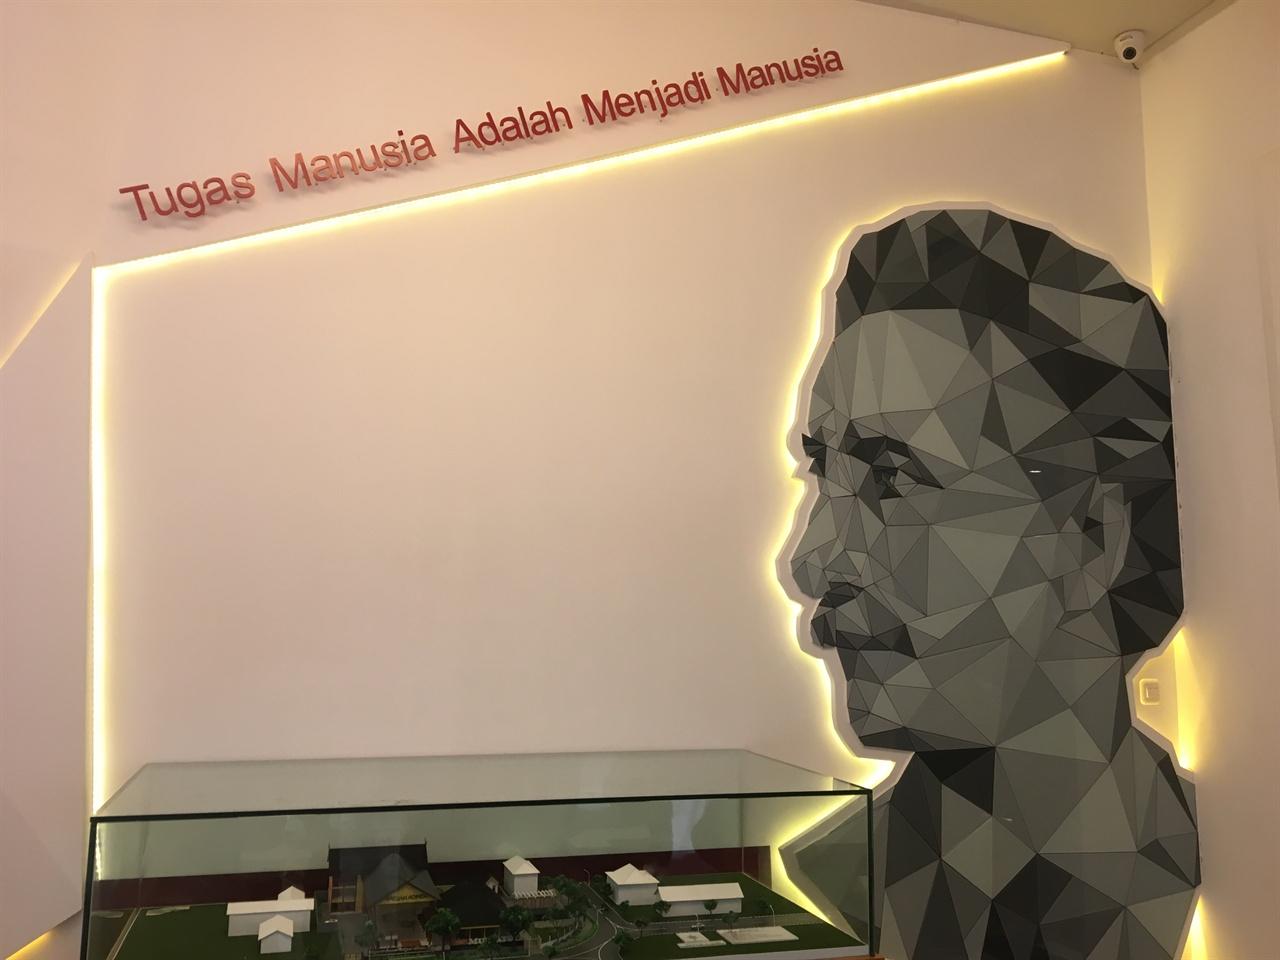 물따뚤리 박물관 입구에 있는 물따뚤리 얼굴을 형상화한 작품